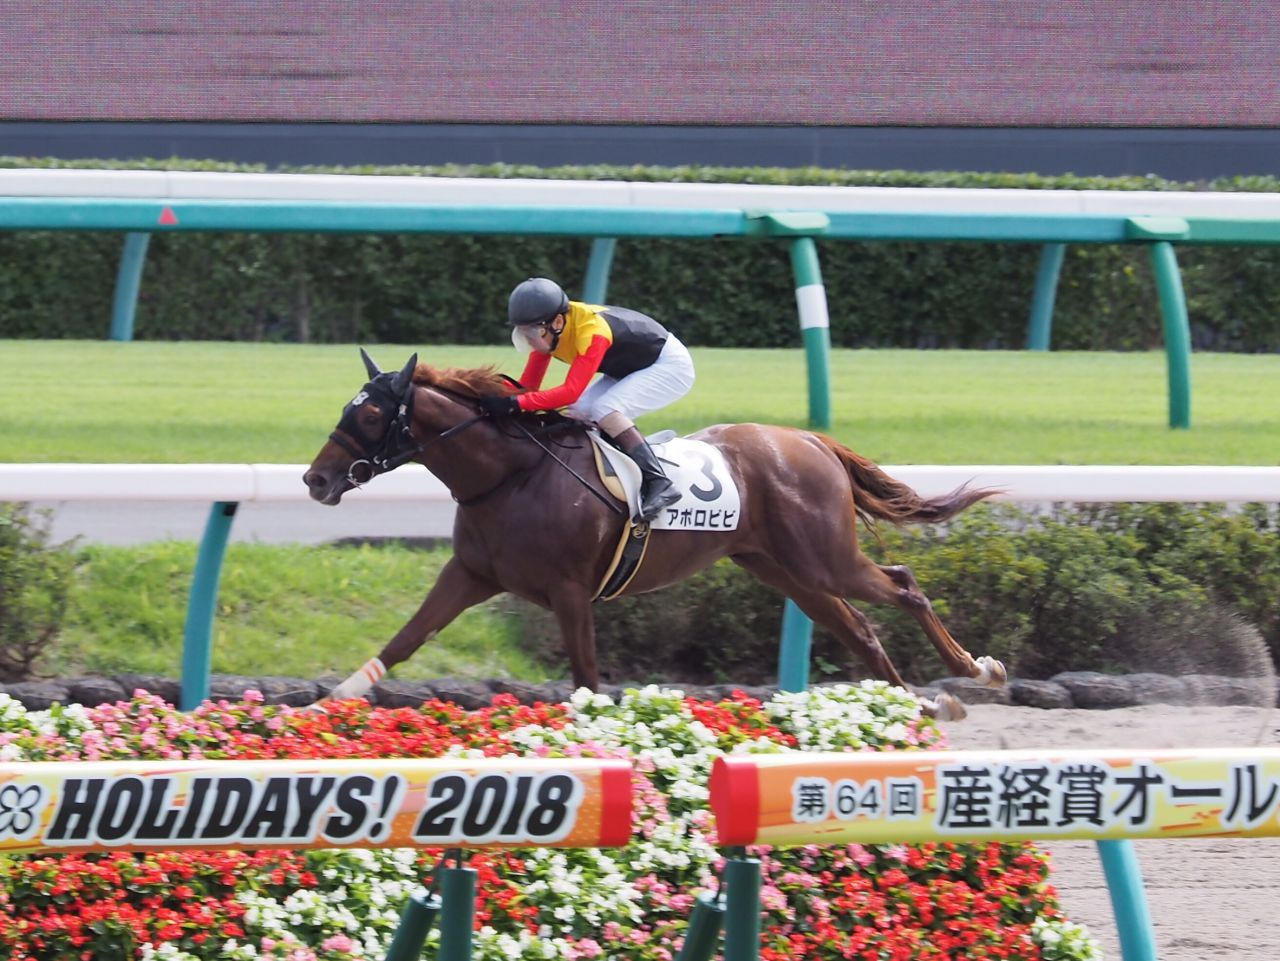 【中山4R/2歳新馬】アポロキングダム産駒 アポロビビがデビュー勝ち